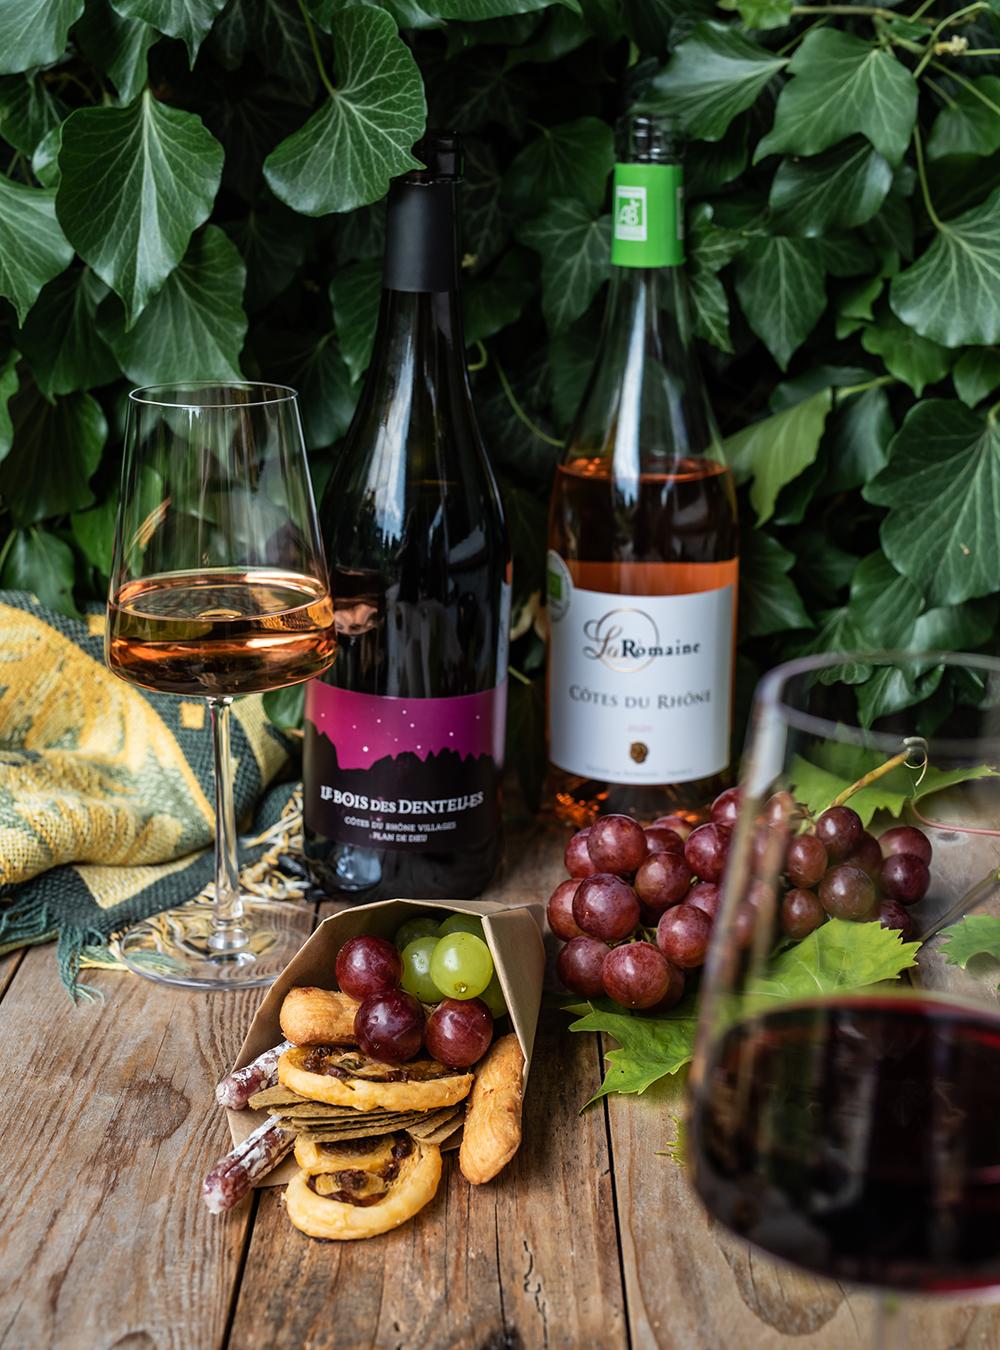 Sommer Picknick mit herzhaften Tomaten Palmiers und Wein aus Côtes du Rhône